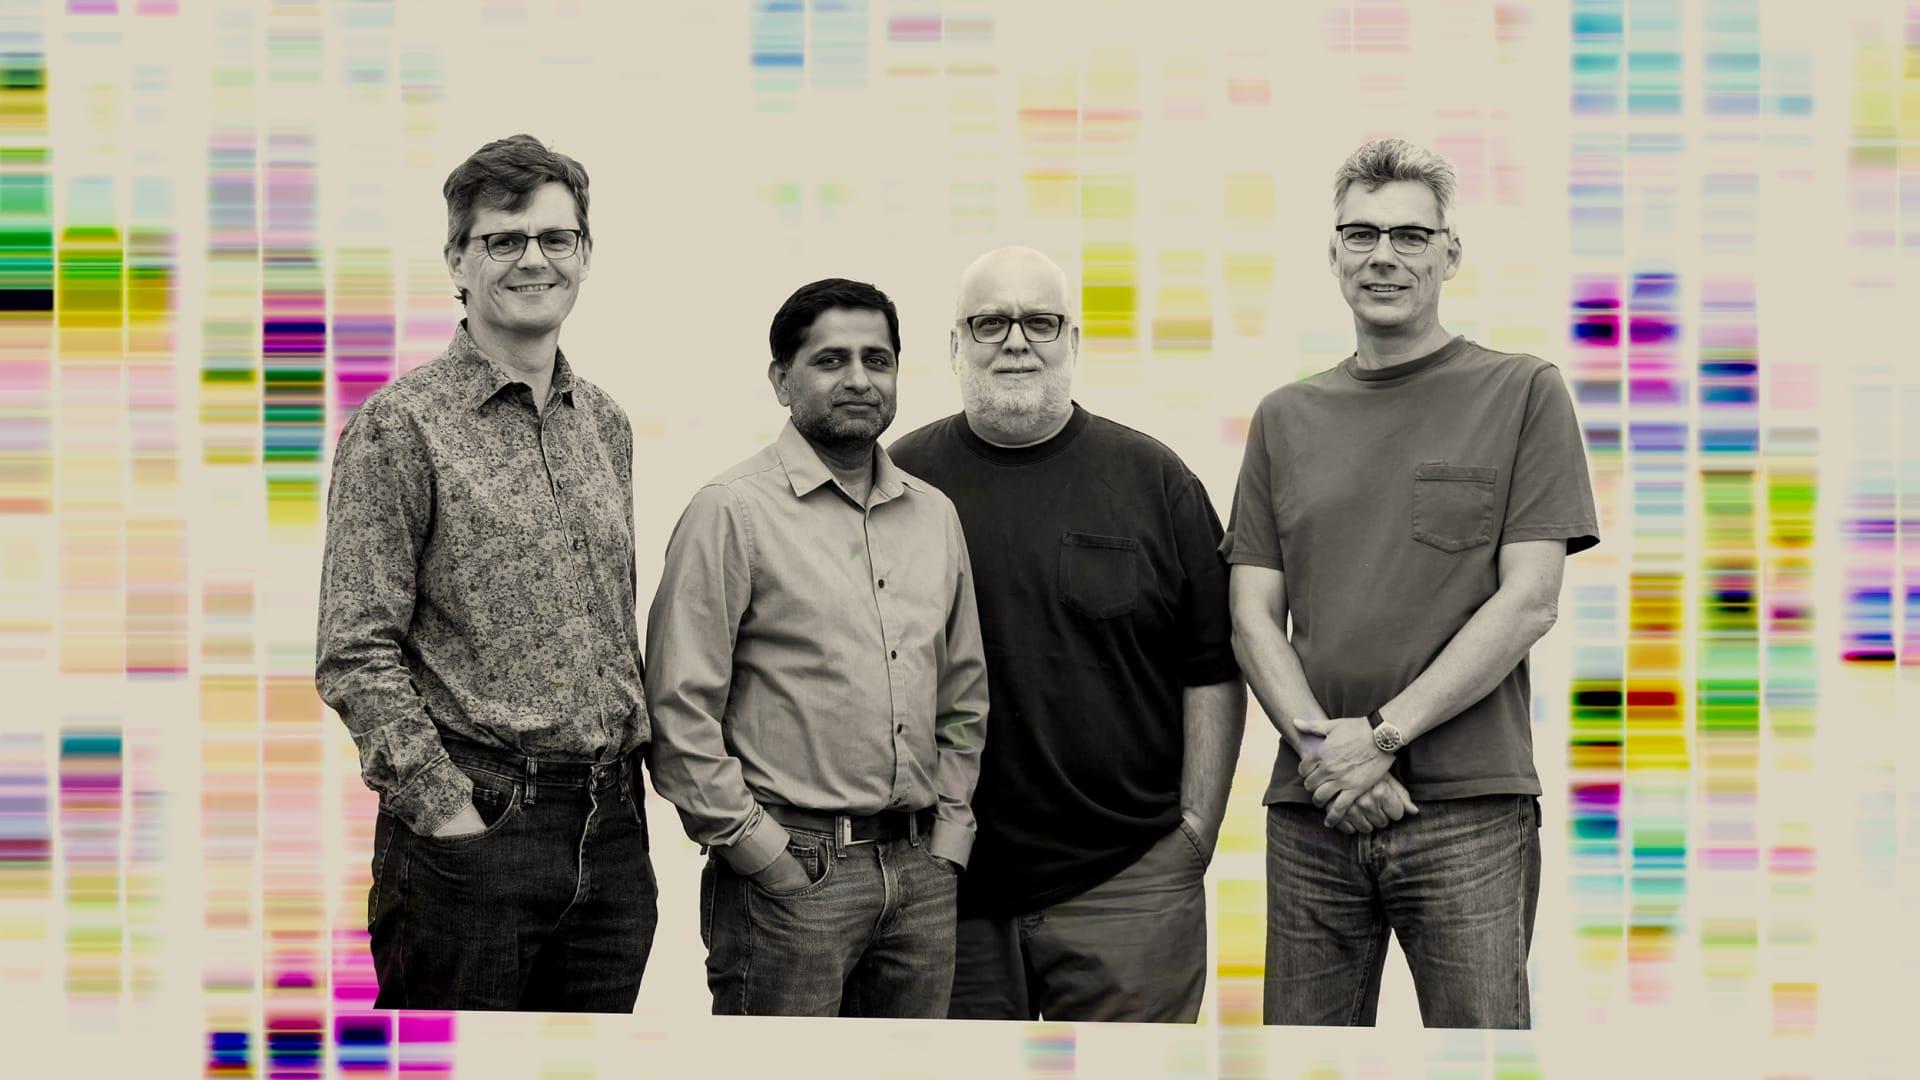 Left to right: Jeremy Minshull, Sridhar Govindarajan, Jon Ness, and Claes Gustafsson